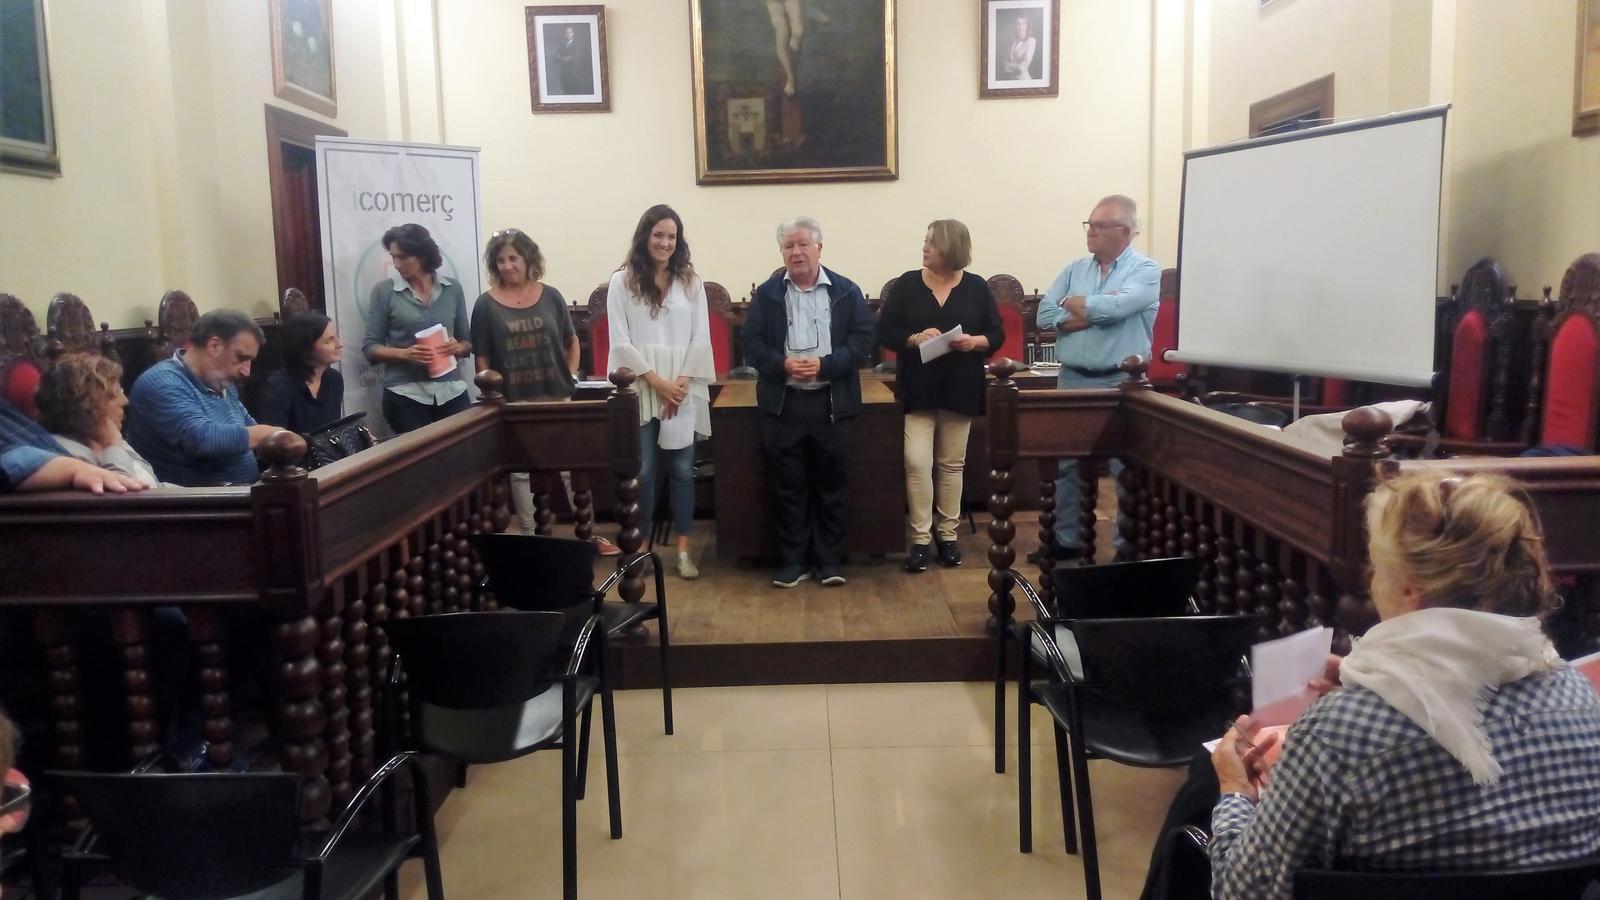 La reunió del pla de forment del comerç local  ha tingut lloc a l'Ajuntament.